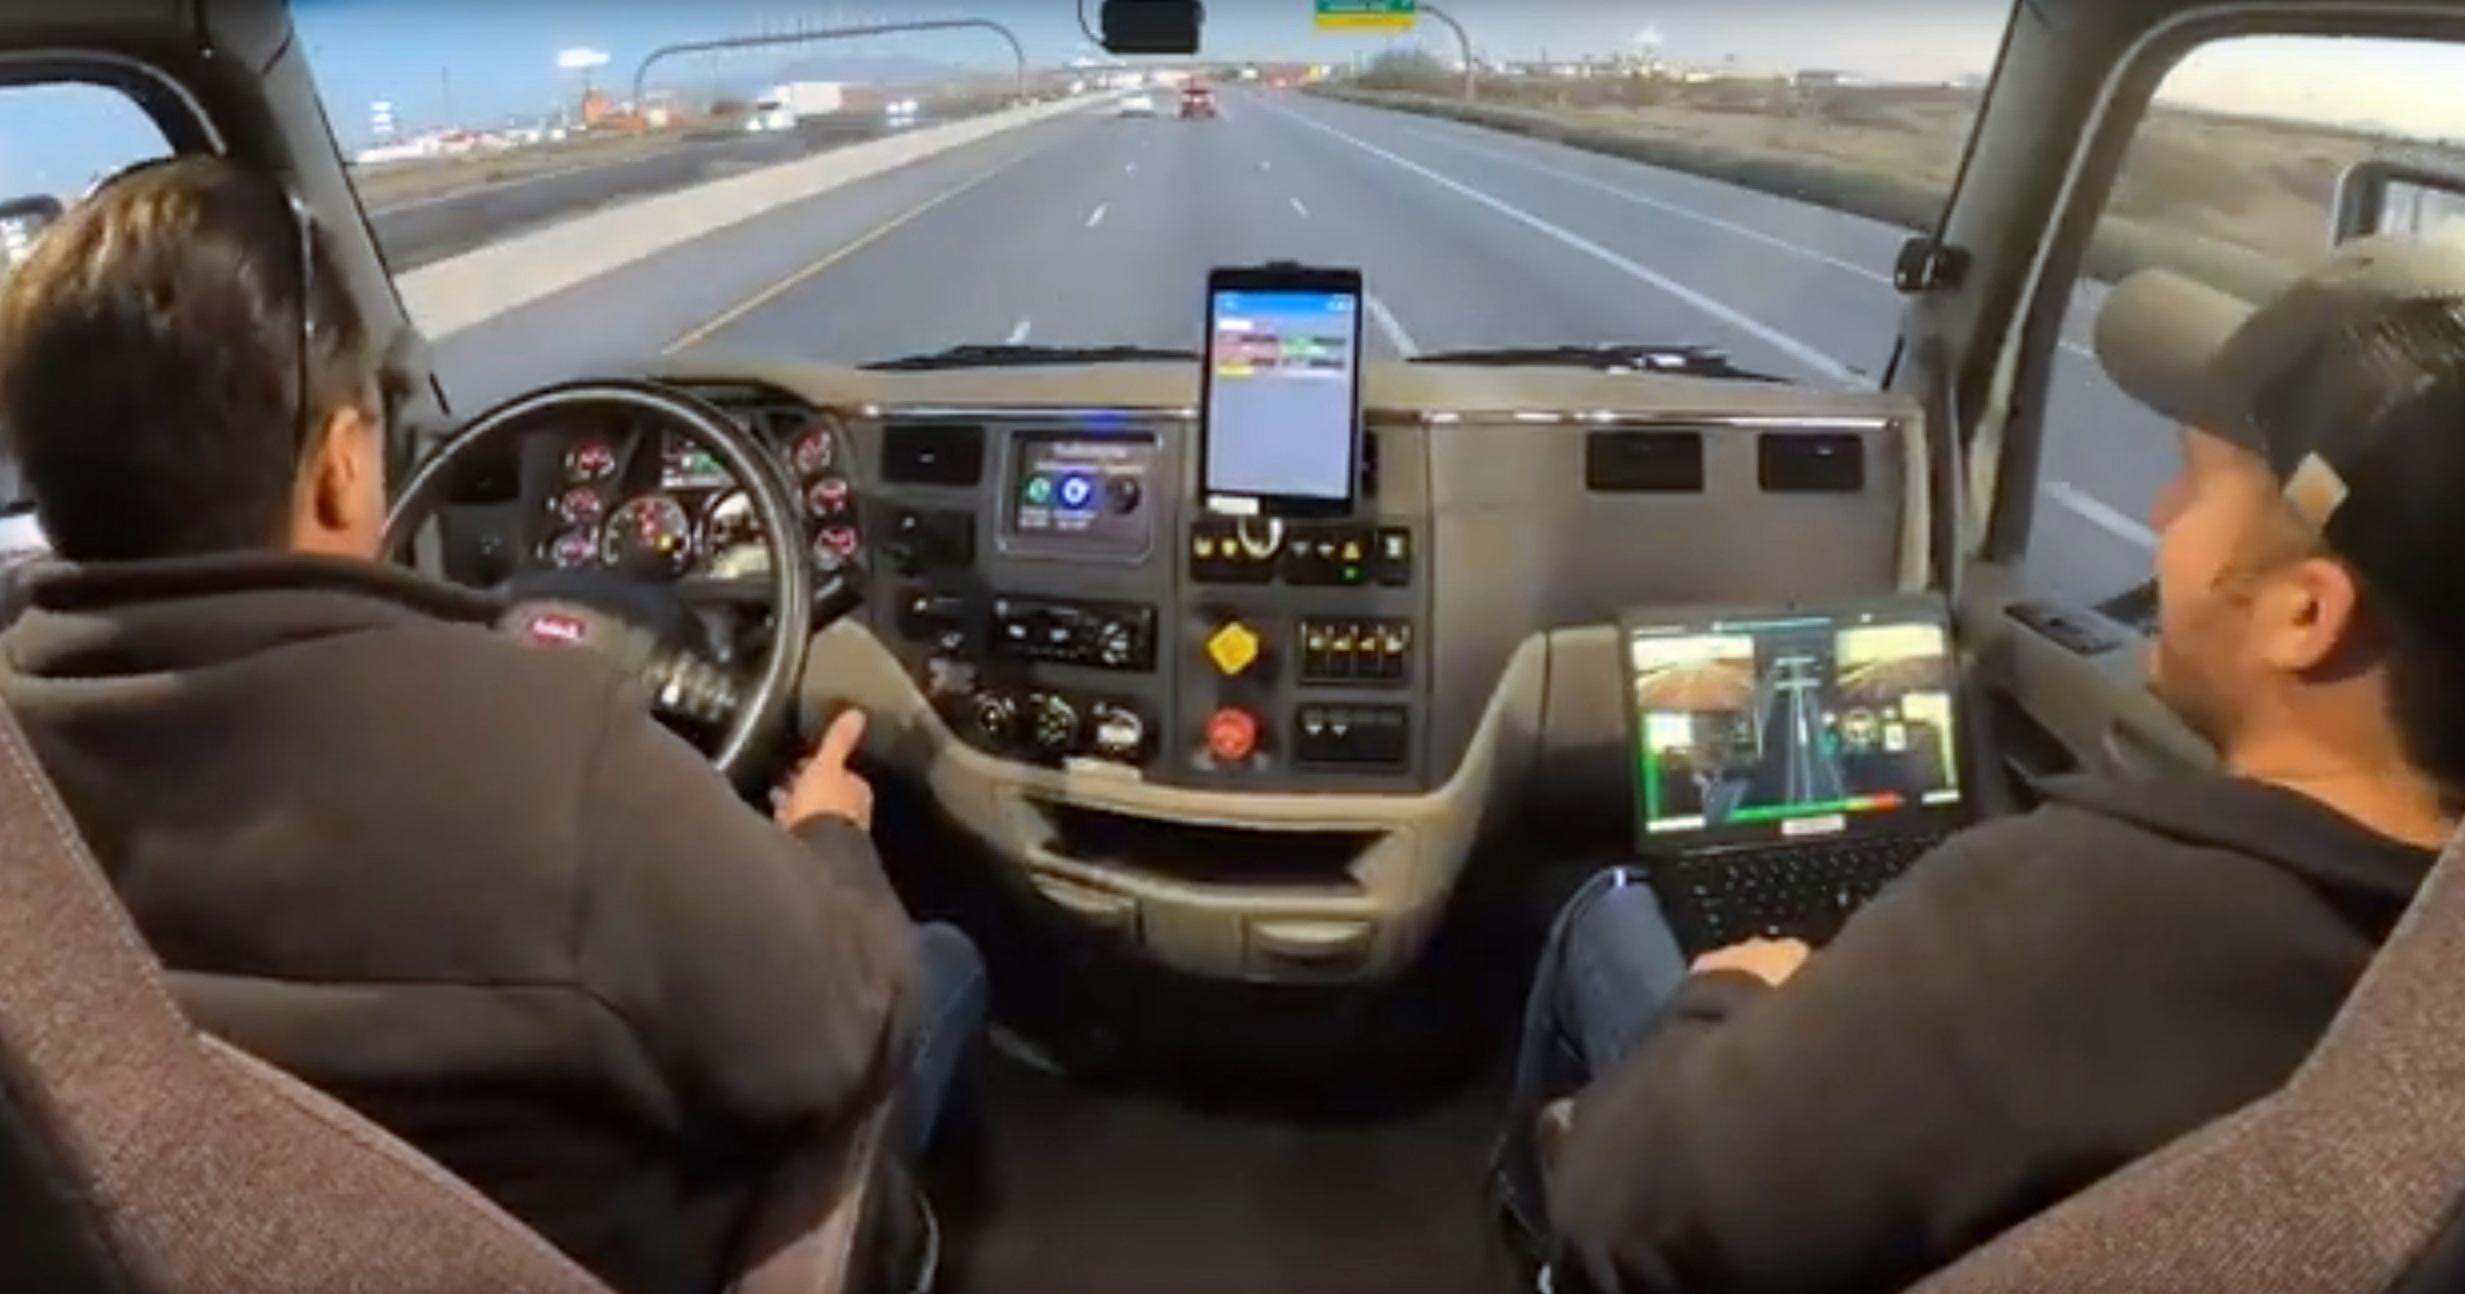 Inside the Cab of an Autonomous Truck